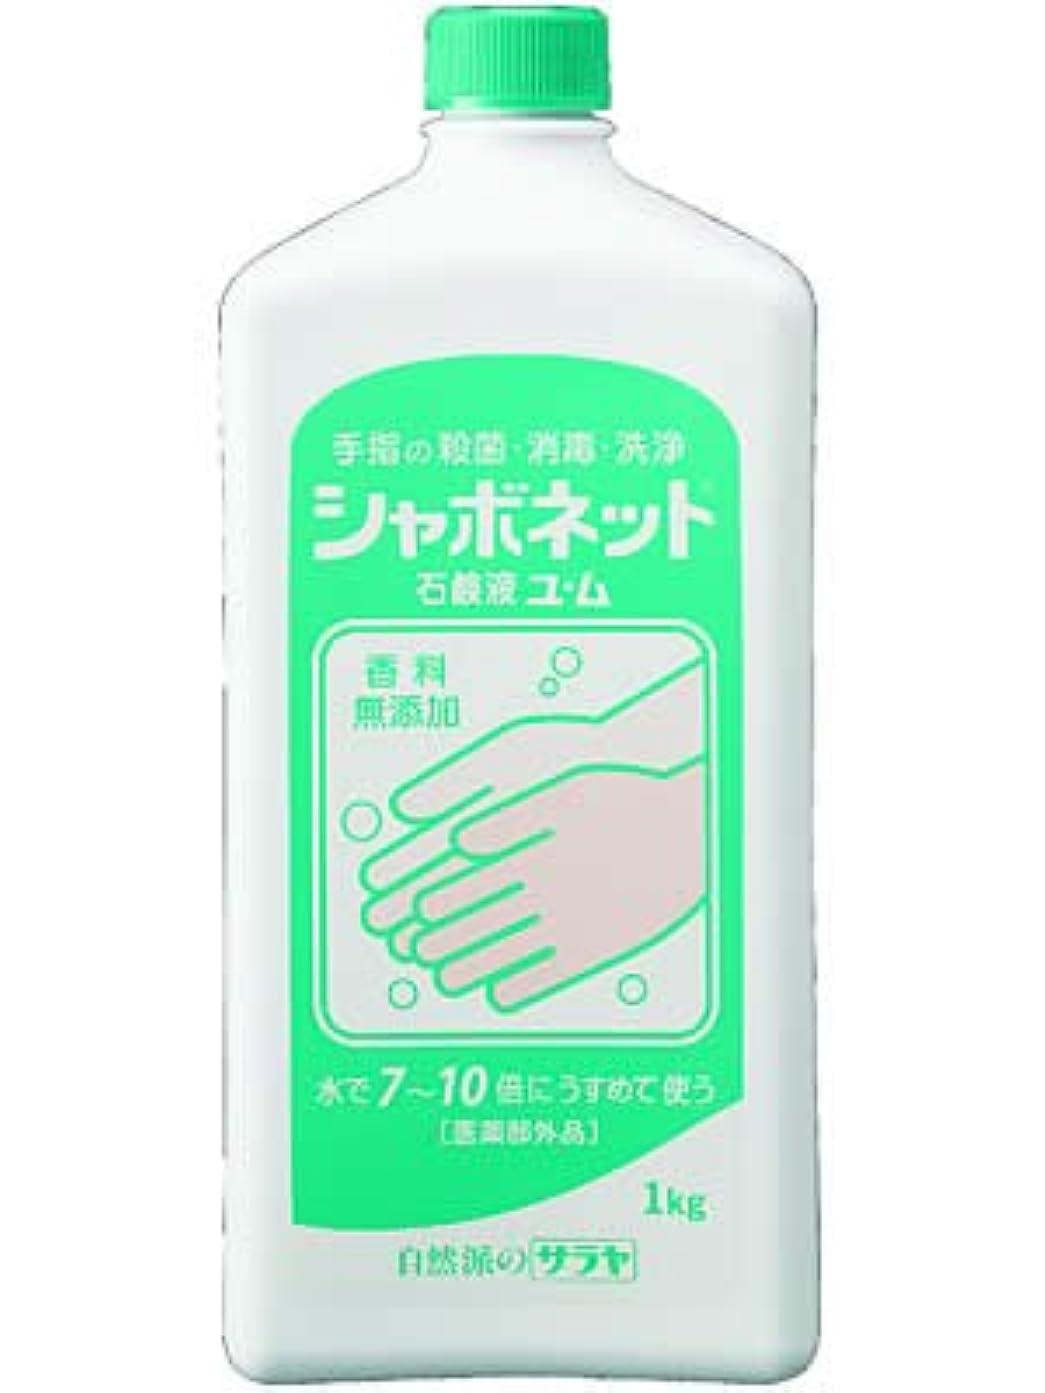 仮称特異性パッチシャボネット 石鹸液 ユ?ム 1kg ×10個セット